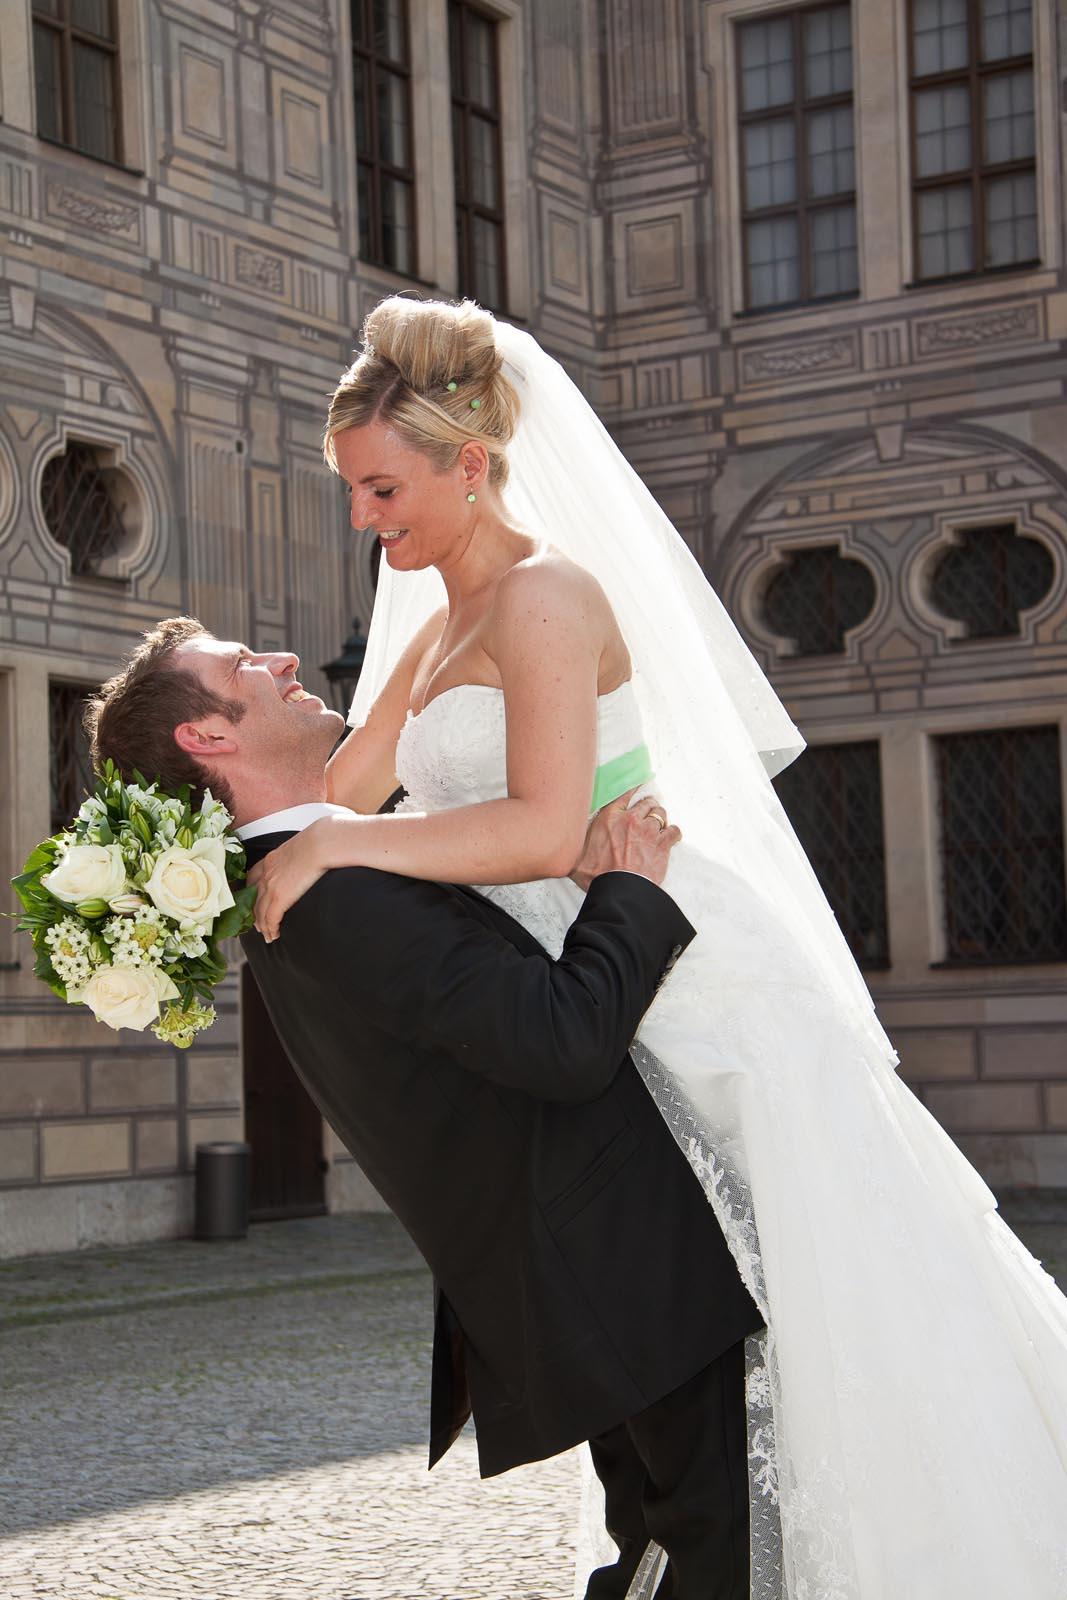 Hochzeitsportraits-Bindl-Hochzeitsportraits-Bindl-8635.jpg